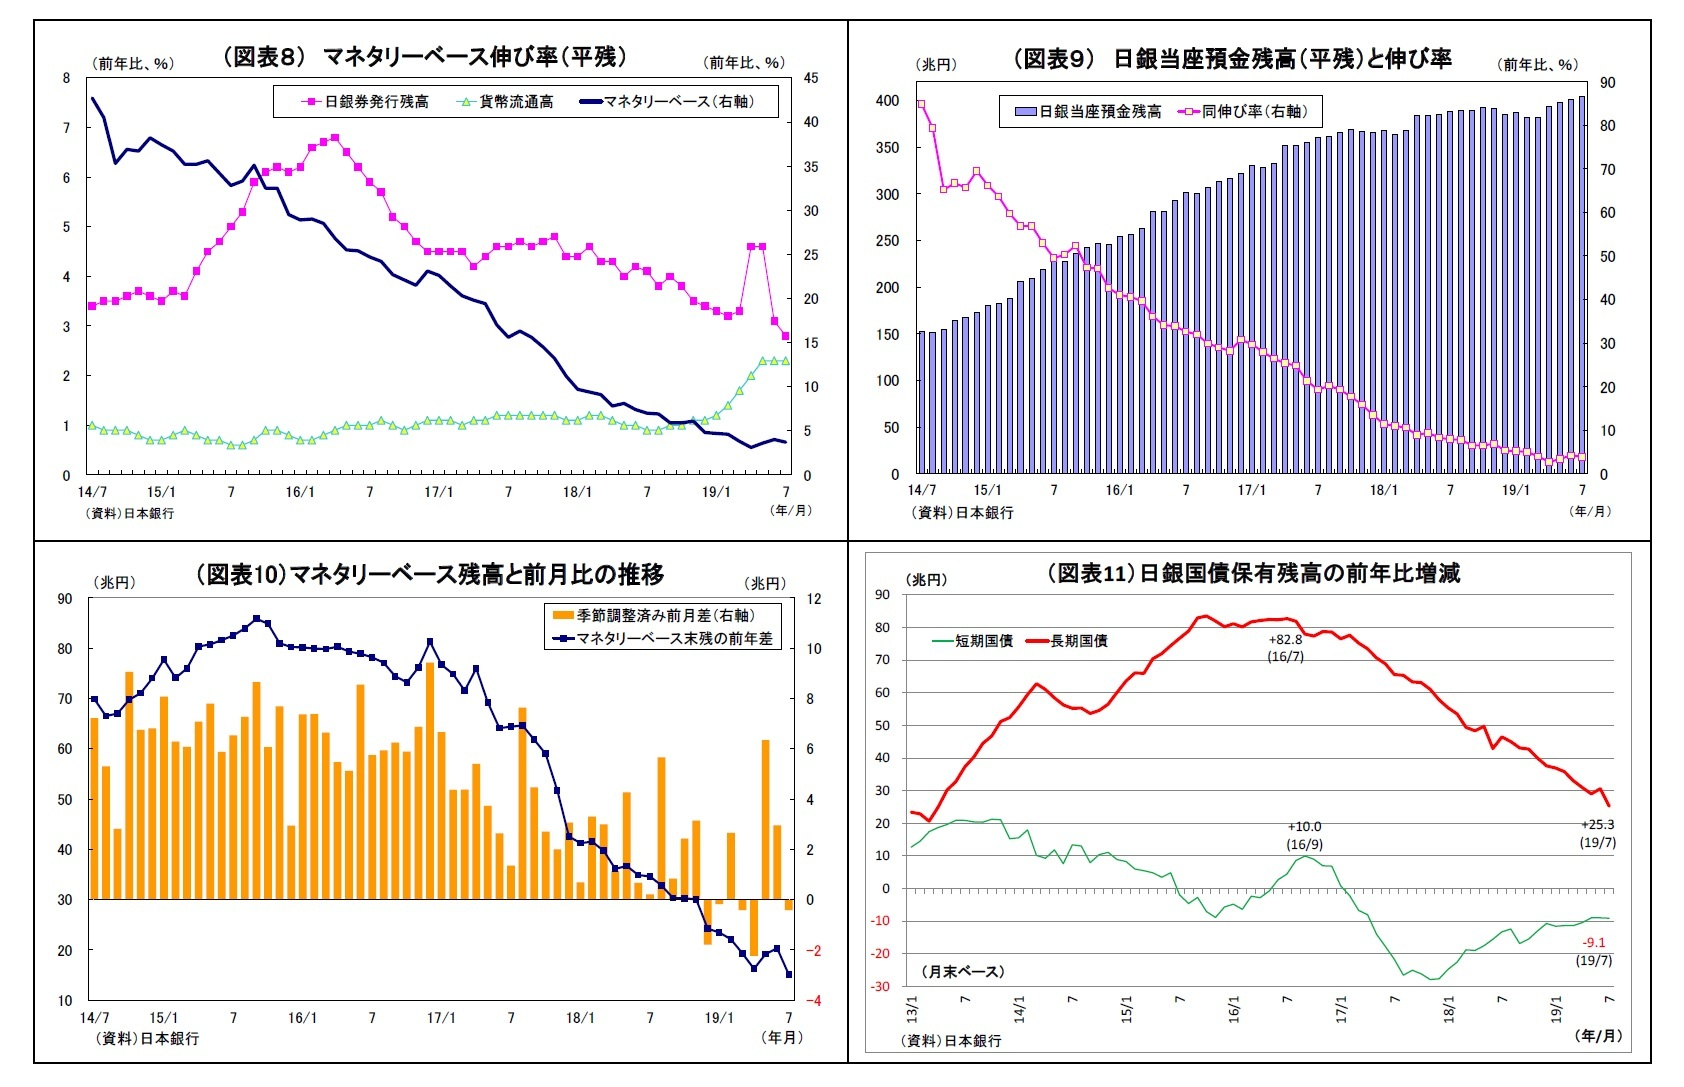 (図表8) マネタリーベース伸び率(平残)/(図表9) 日銀当座預金残高(平残)と伸び率/(図表10)マネタリーベース残高と前月比の推移/(図表11)日銀国債保有残高の前年比増減